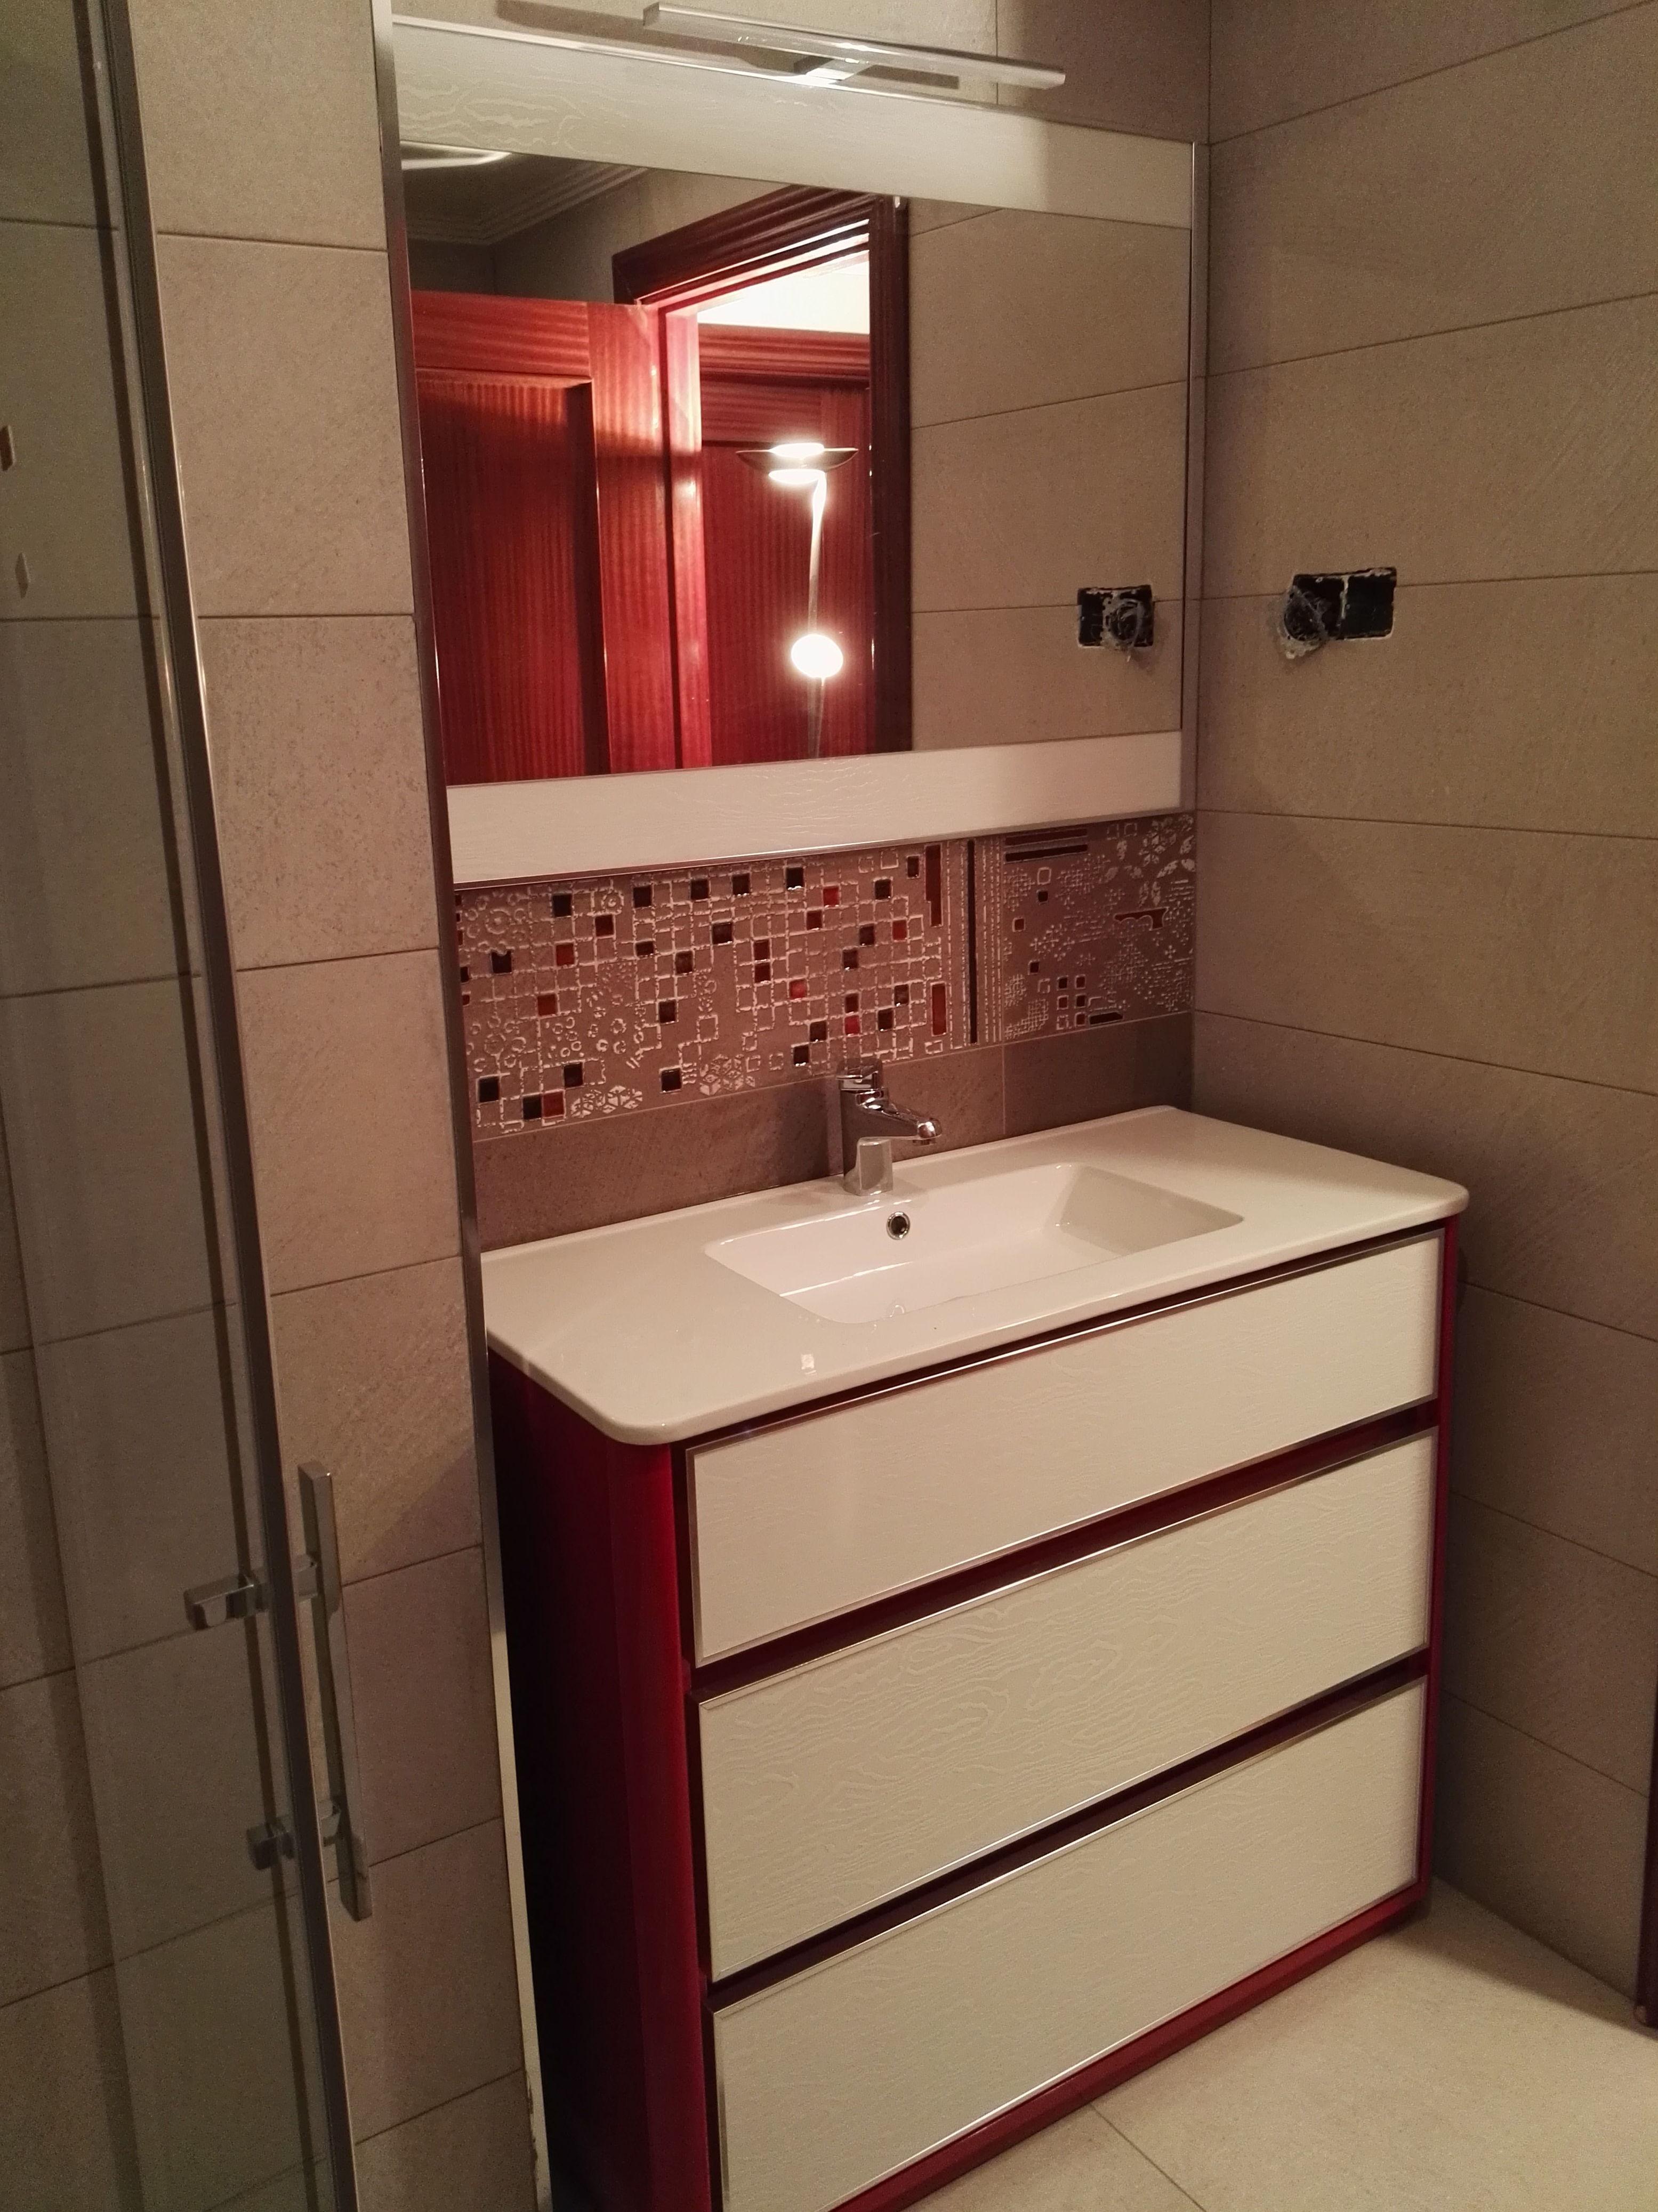 Muebles de baño: Cocinas y baños de F. Alba, cocinas y baños